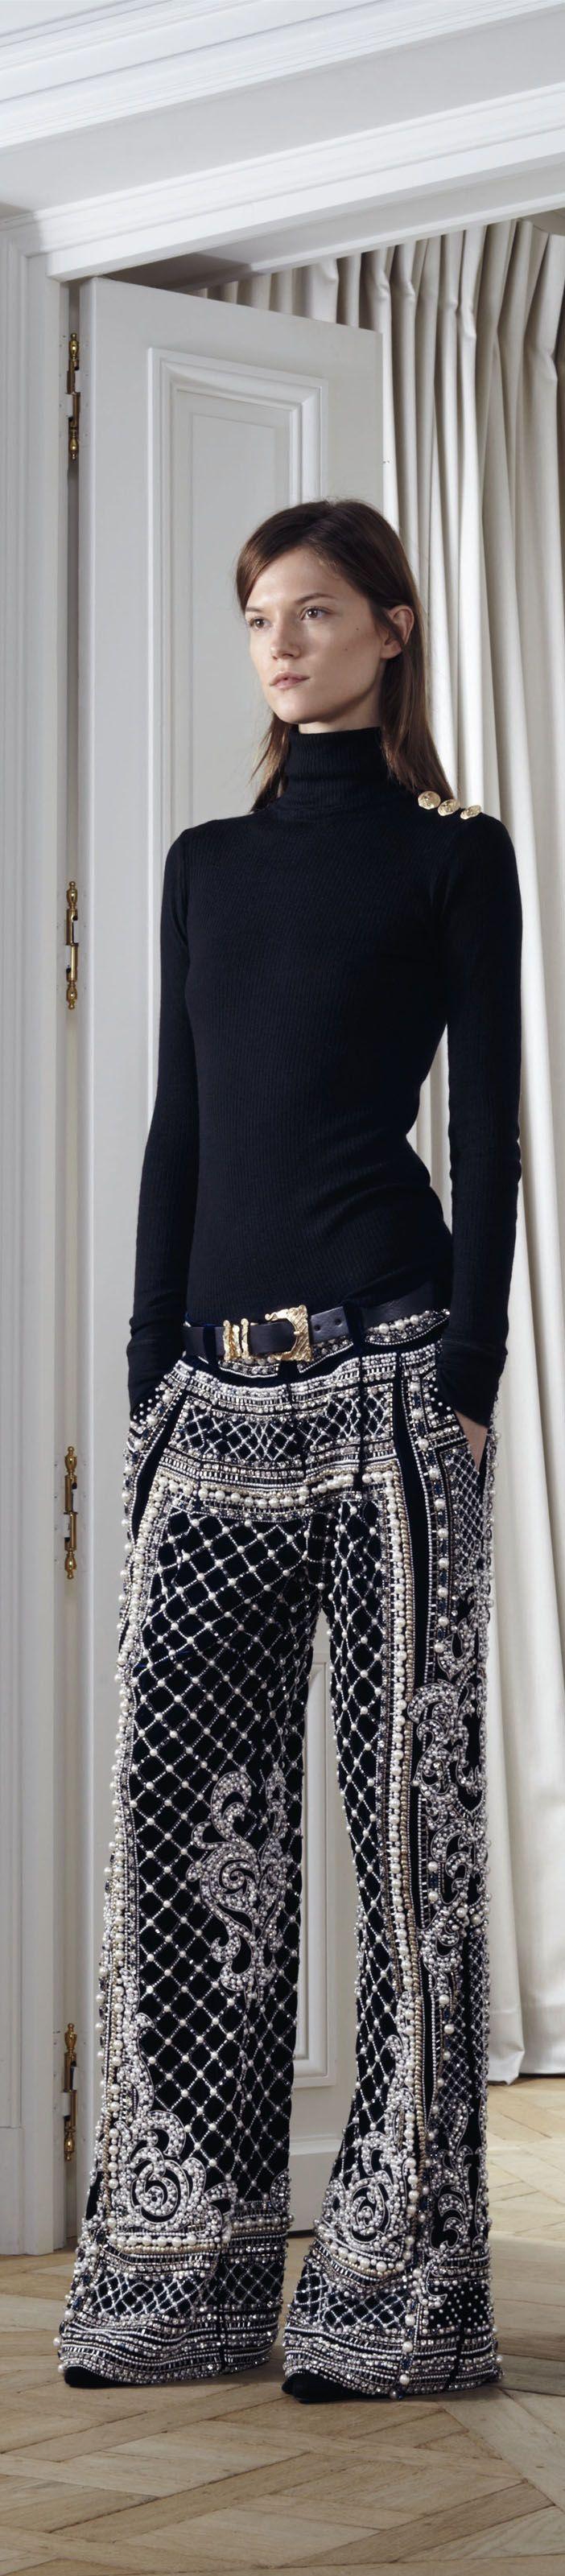 ✜ Balmain - Pre-Fall 2012 2013 RTW ✜  http://www.vogue.it/en/shows/show/fw-12-13-pre-fall/balmain (+ MORE Balmain Pre Fall on Fashion Black)